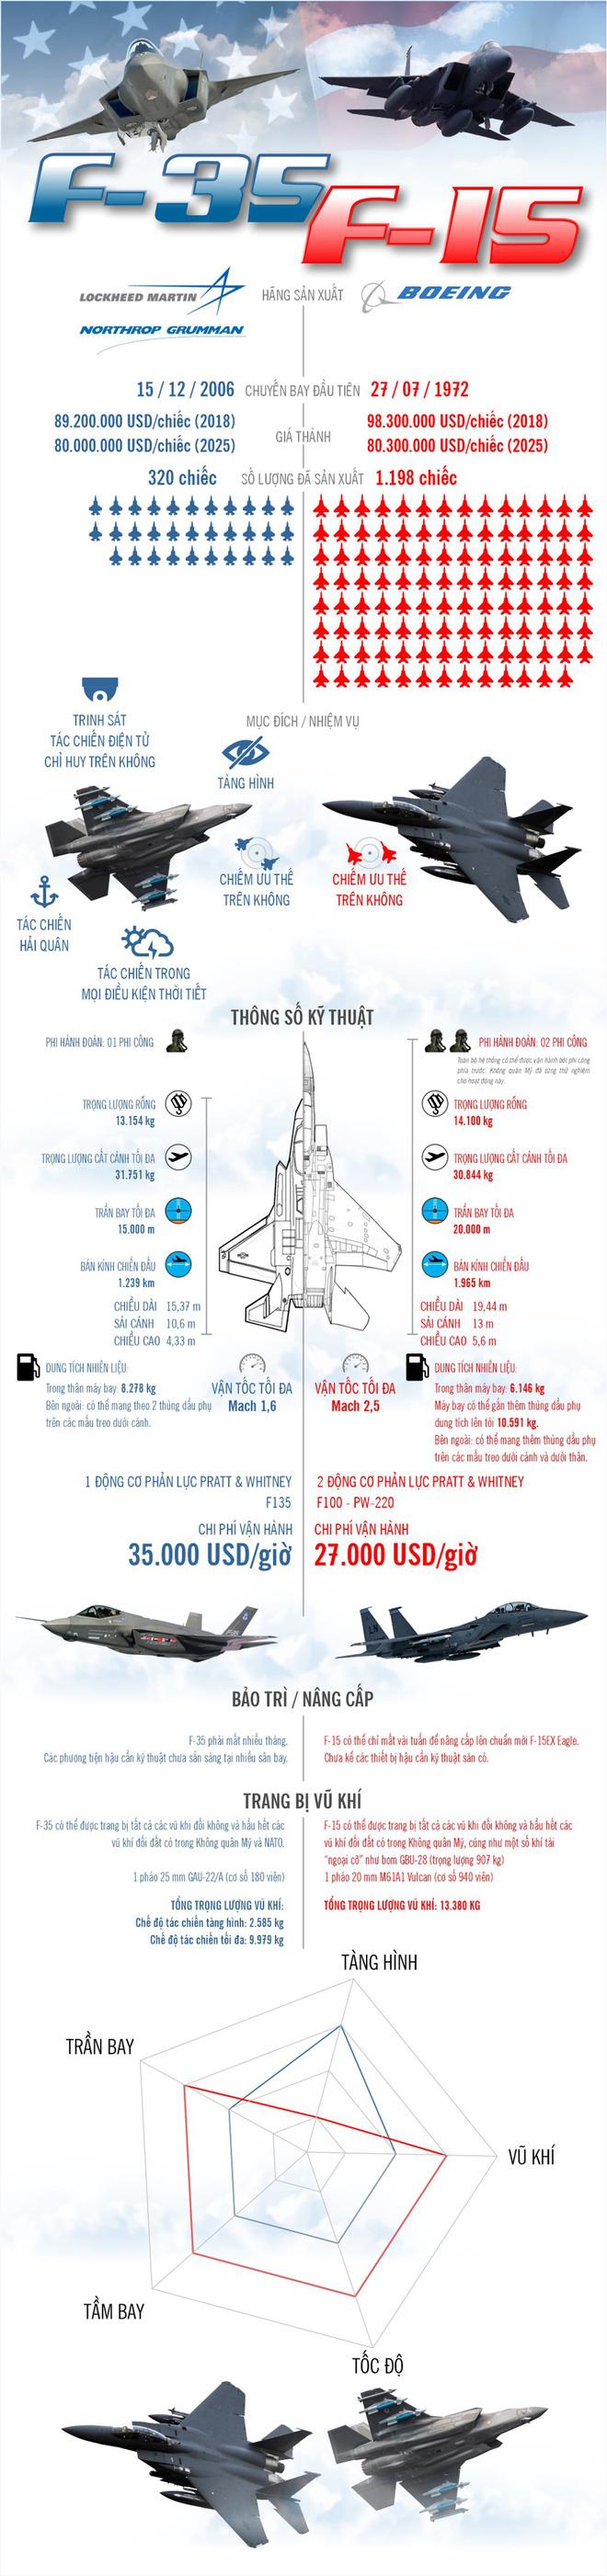 Vì sao F-15 vẫn được trọng dụng khi Mỹ đã có F-35? - ảnh 1